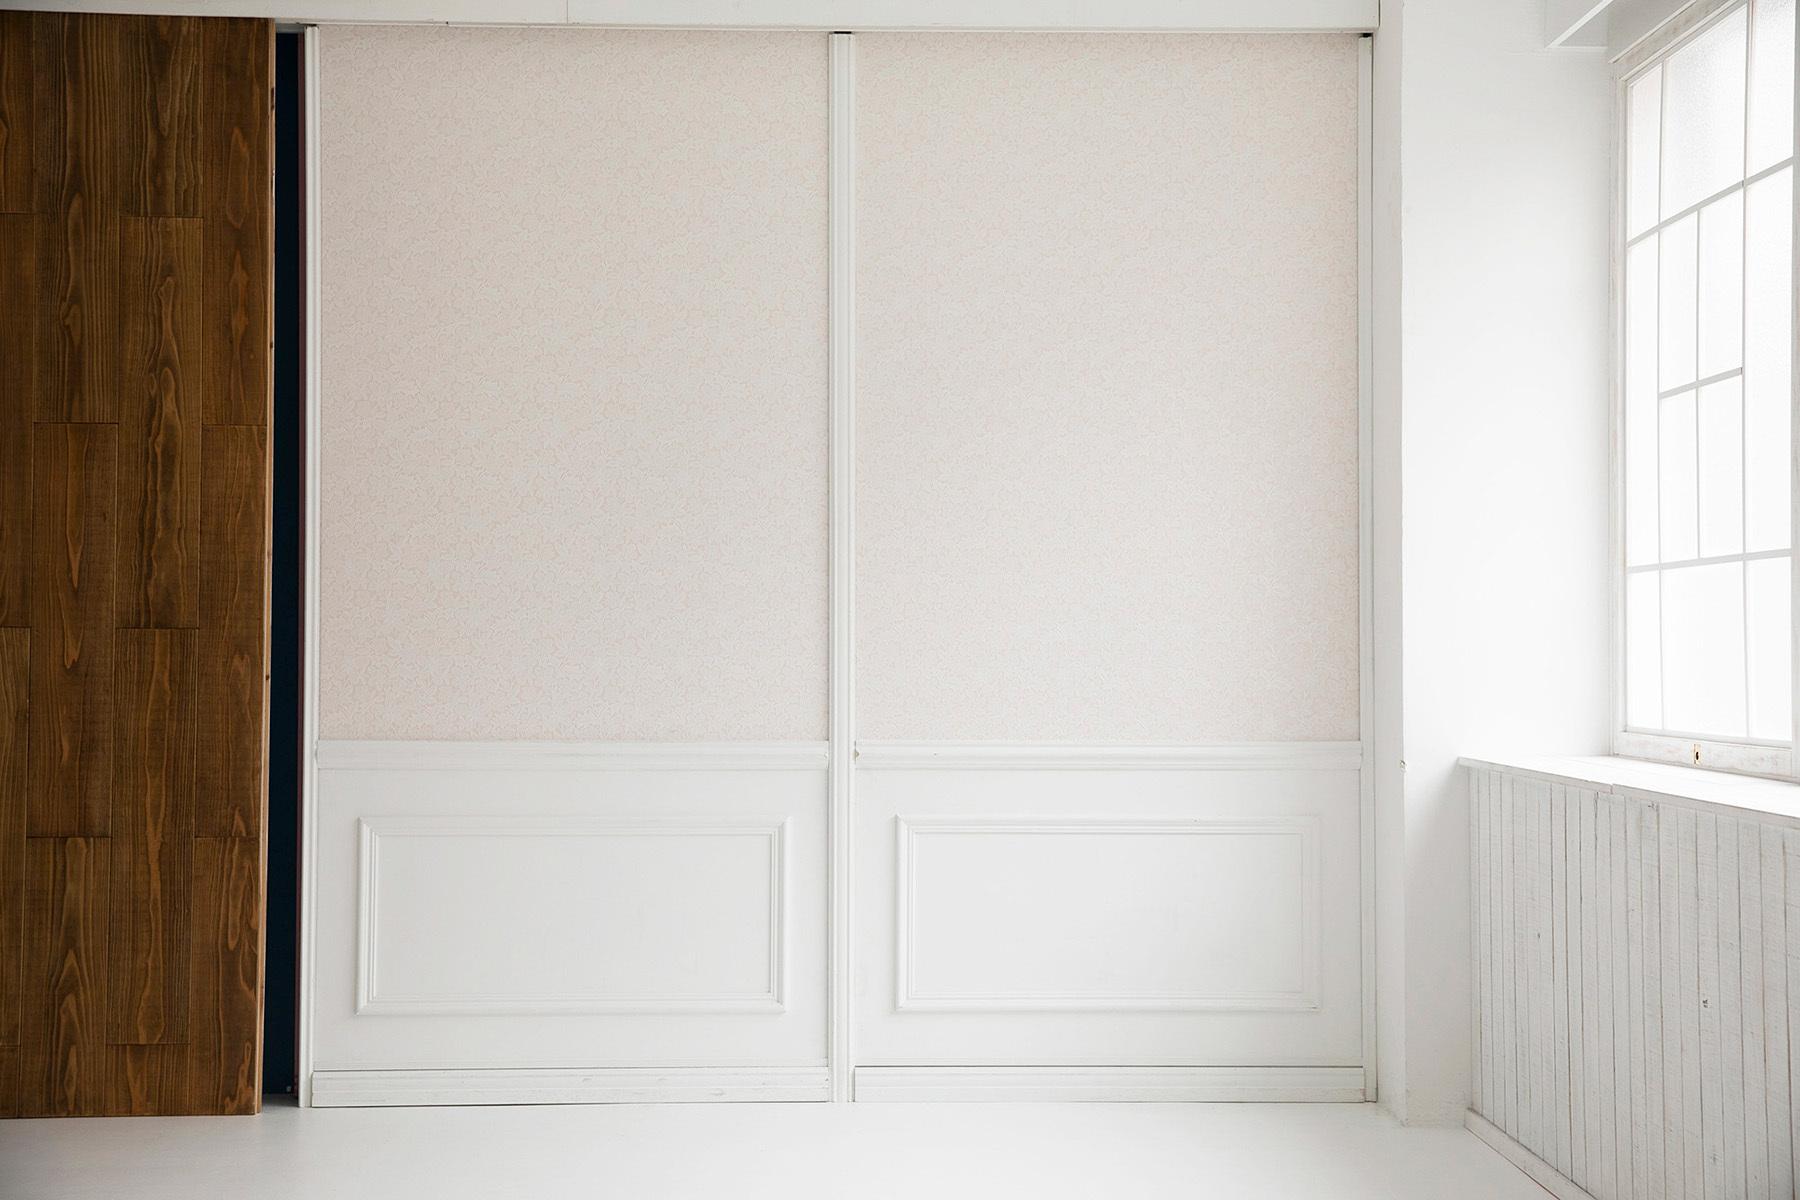 studio Mired(スタジオ ミレッド)option:黒仕様